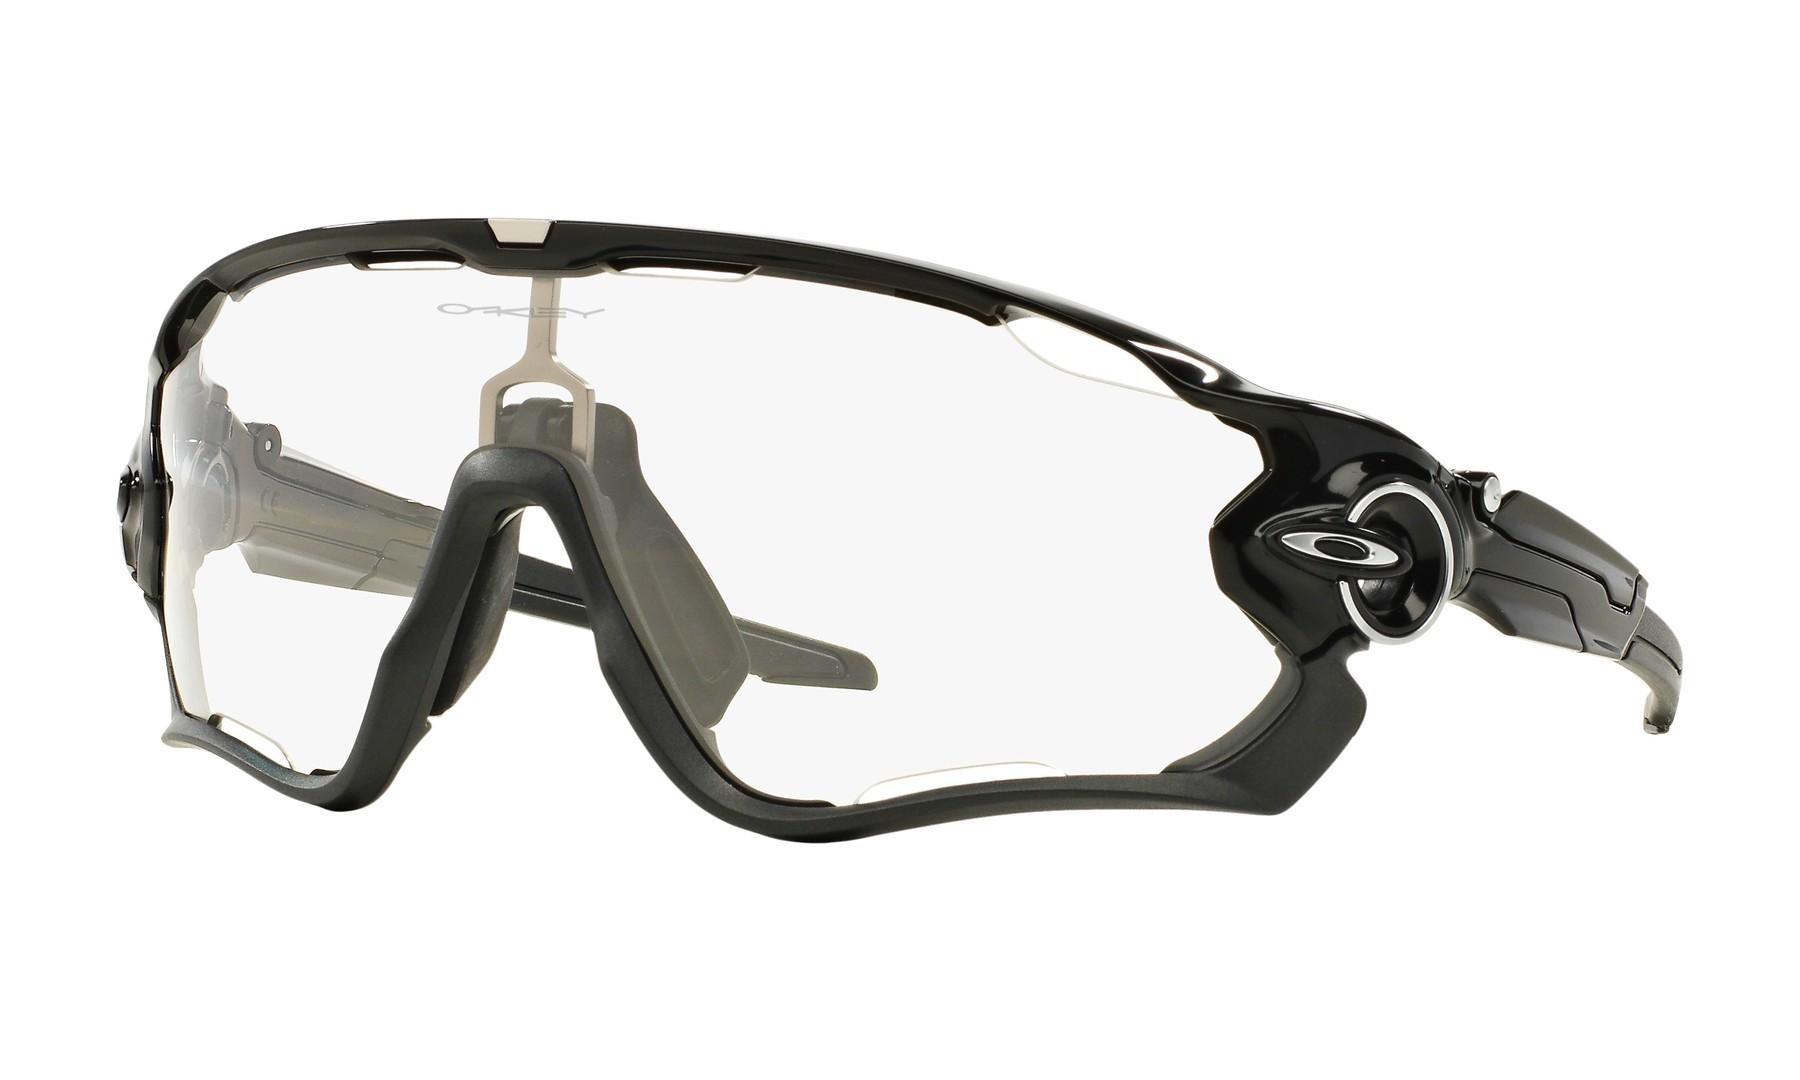 main_oo9290-14_jawbreaker_polished-black-clear-black-iridium-photochromic_001_86942_png_zoom.jpg